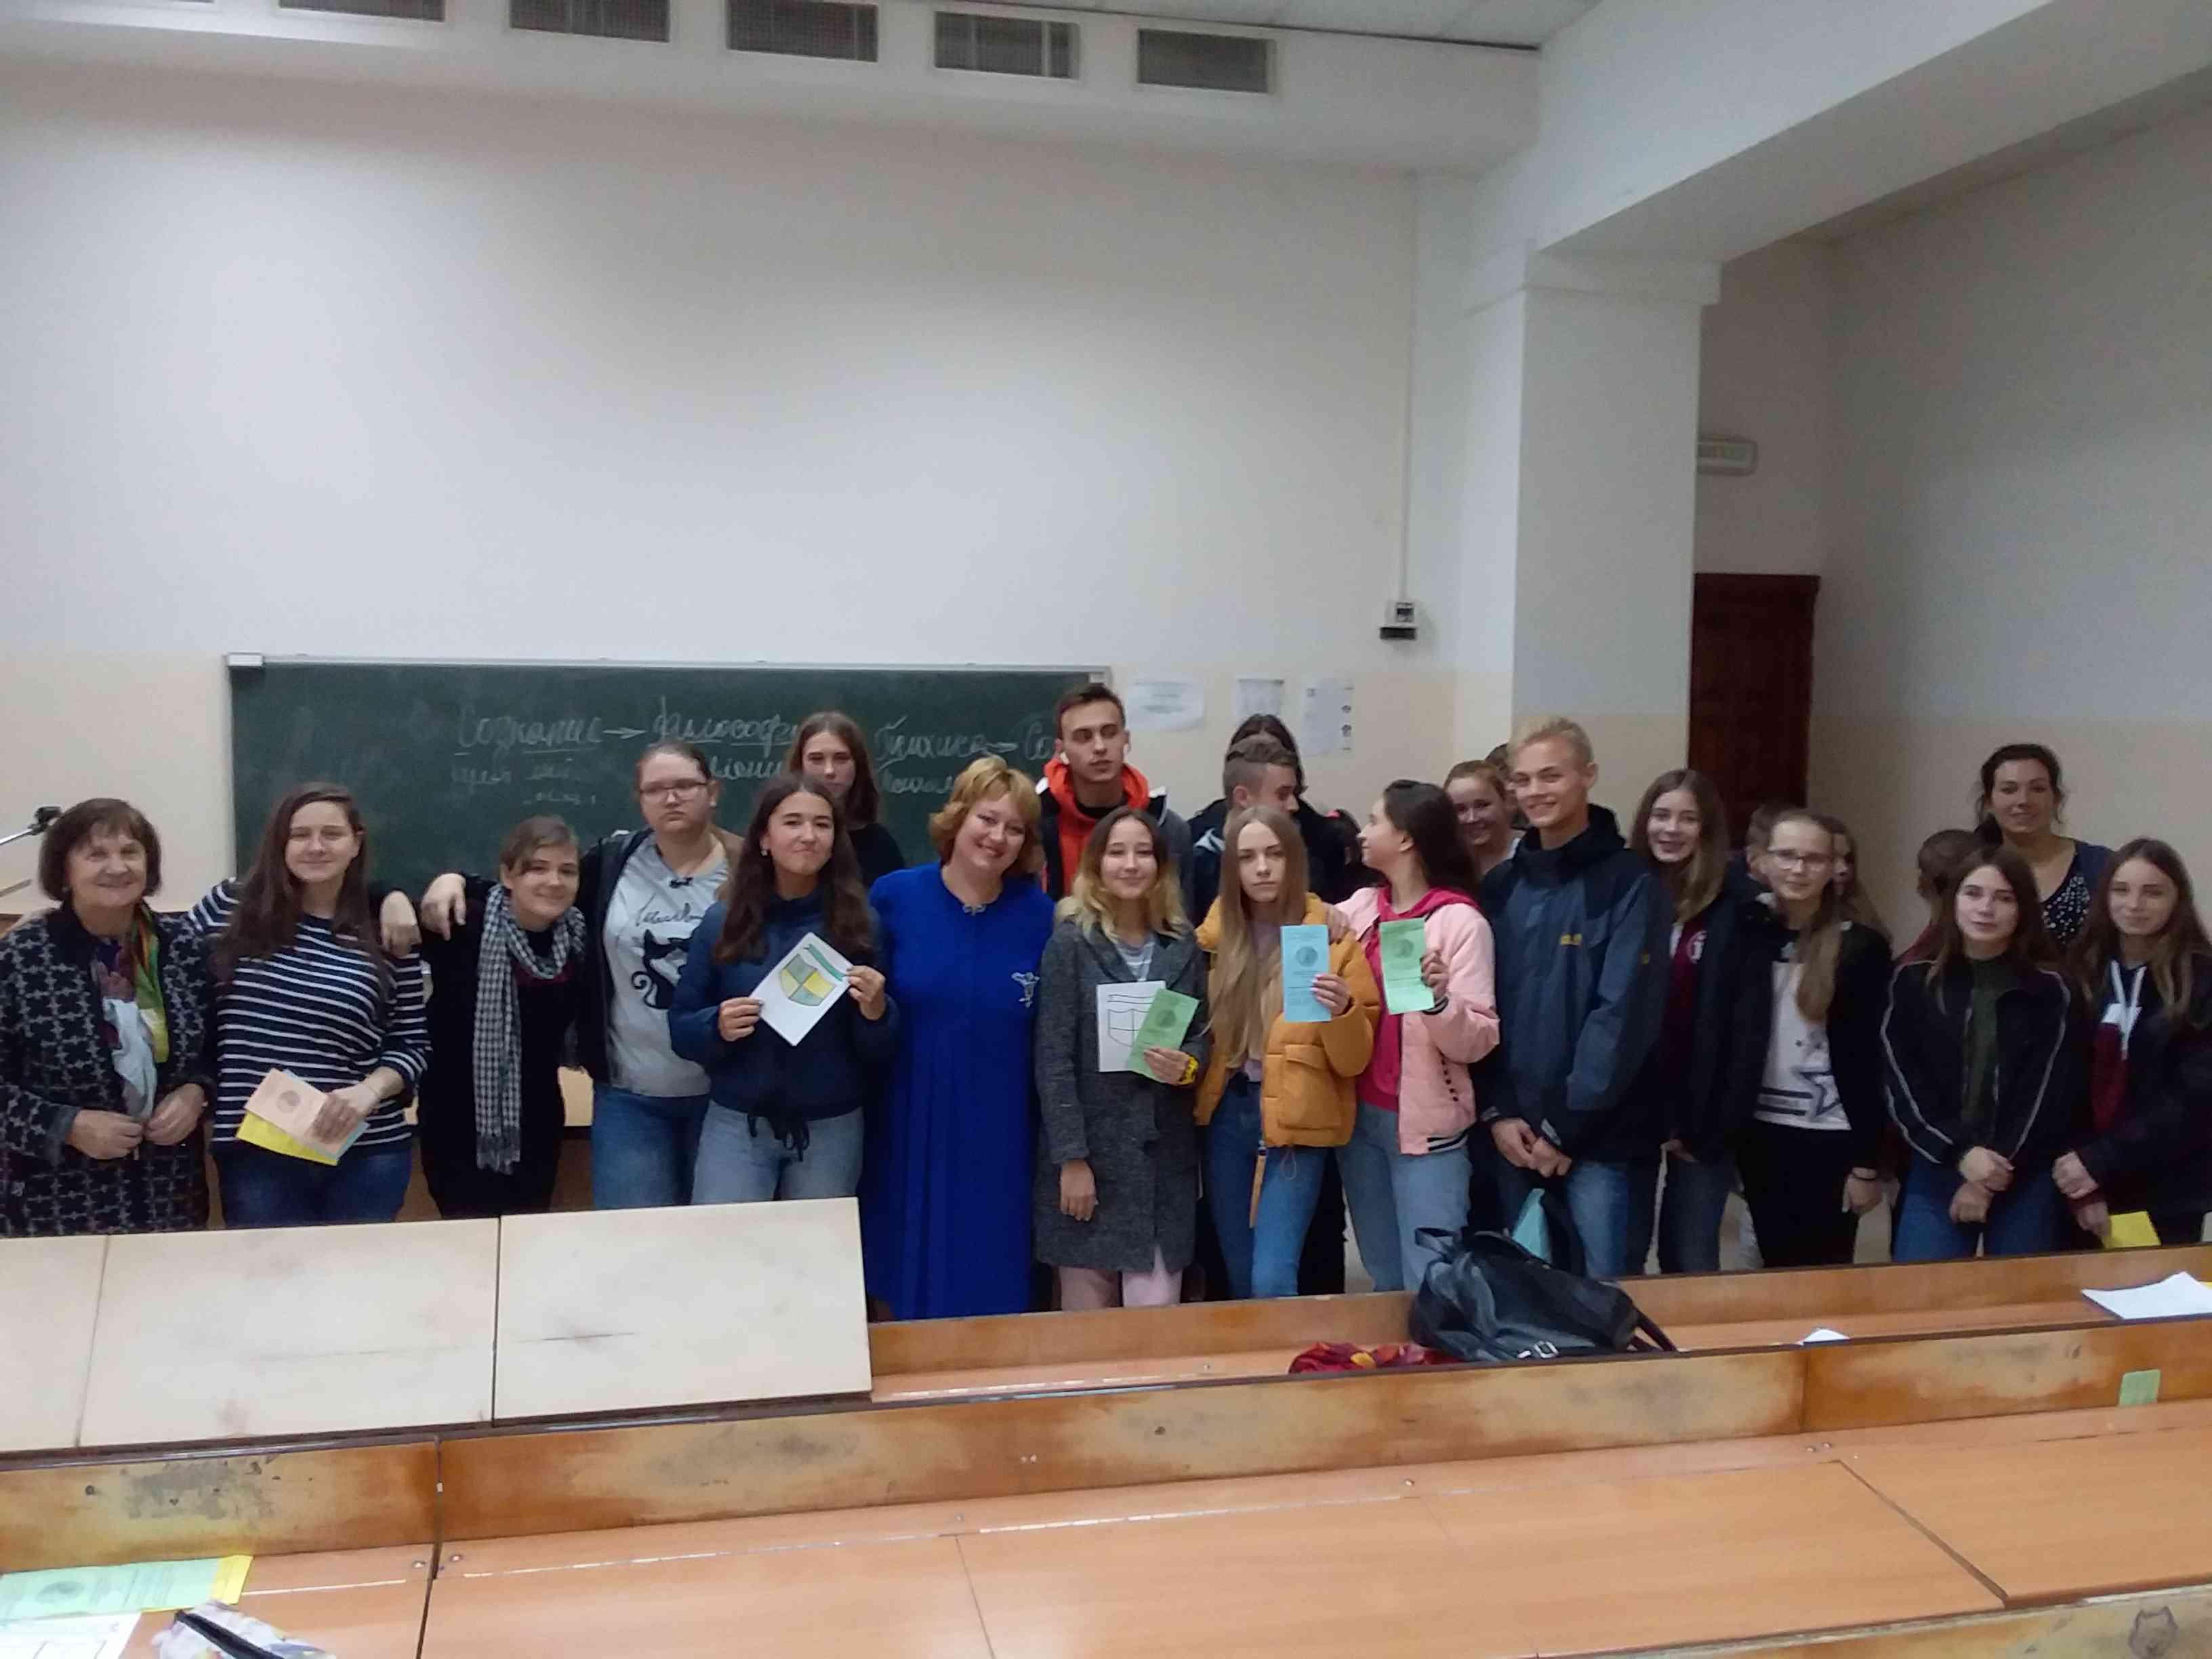 Кафедрою психології та соціології було проведено День відкритих дверей для абітурієнтів зі спеціальності 053 – «Психологія»